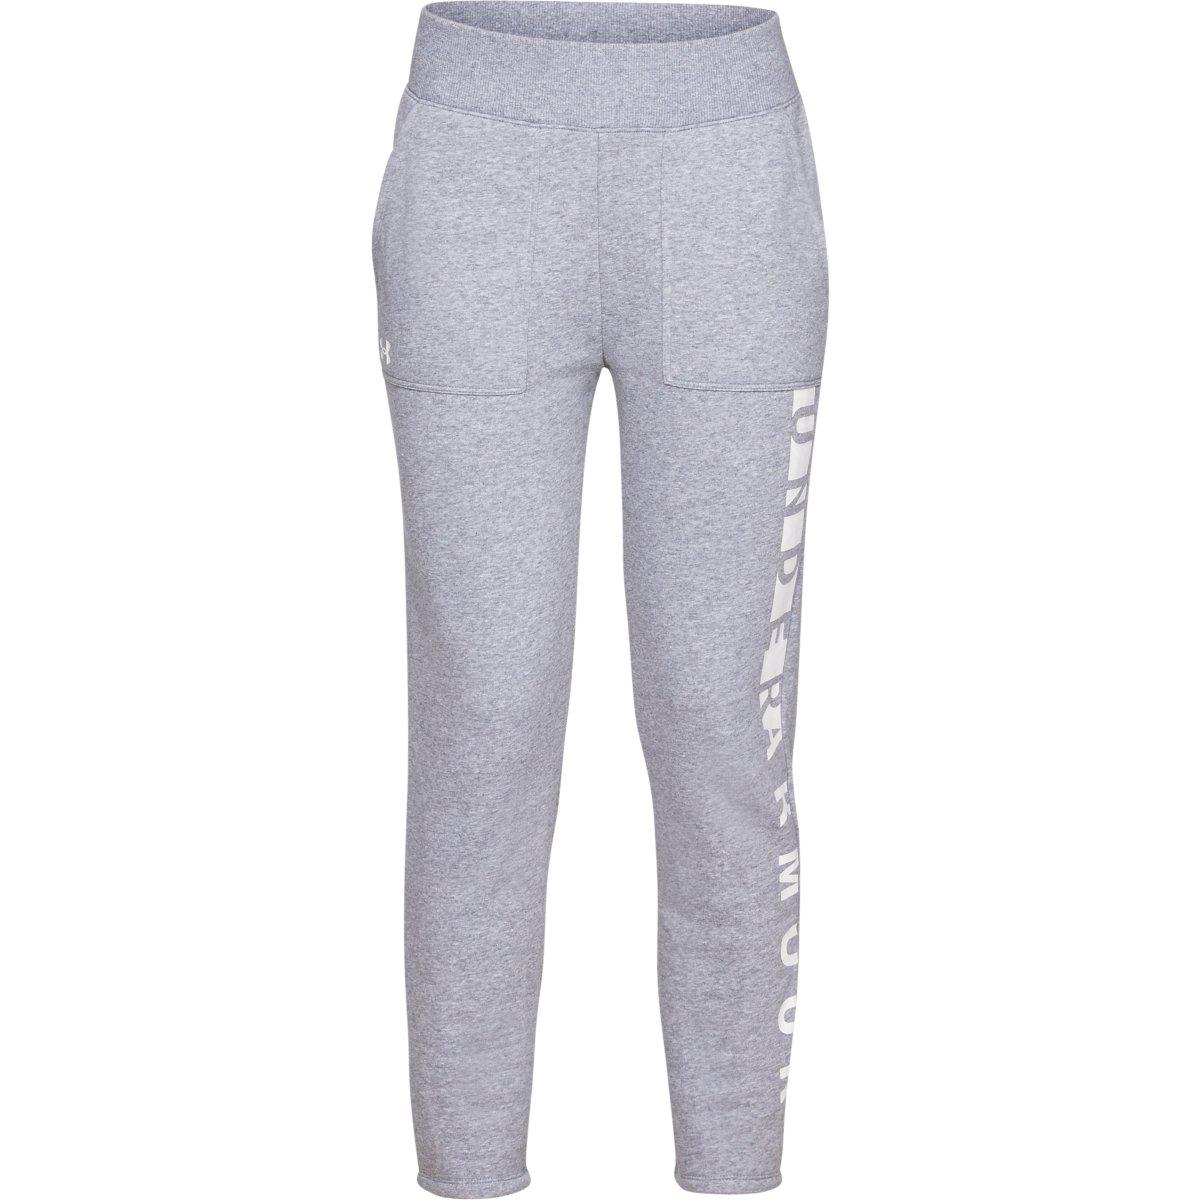 Under Armour Women's Ua Rival Fleece Pants - Black, M